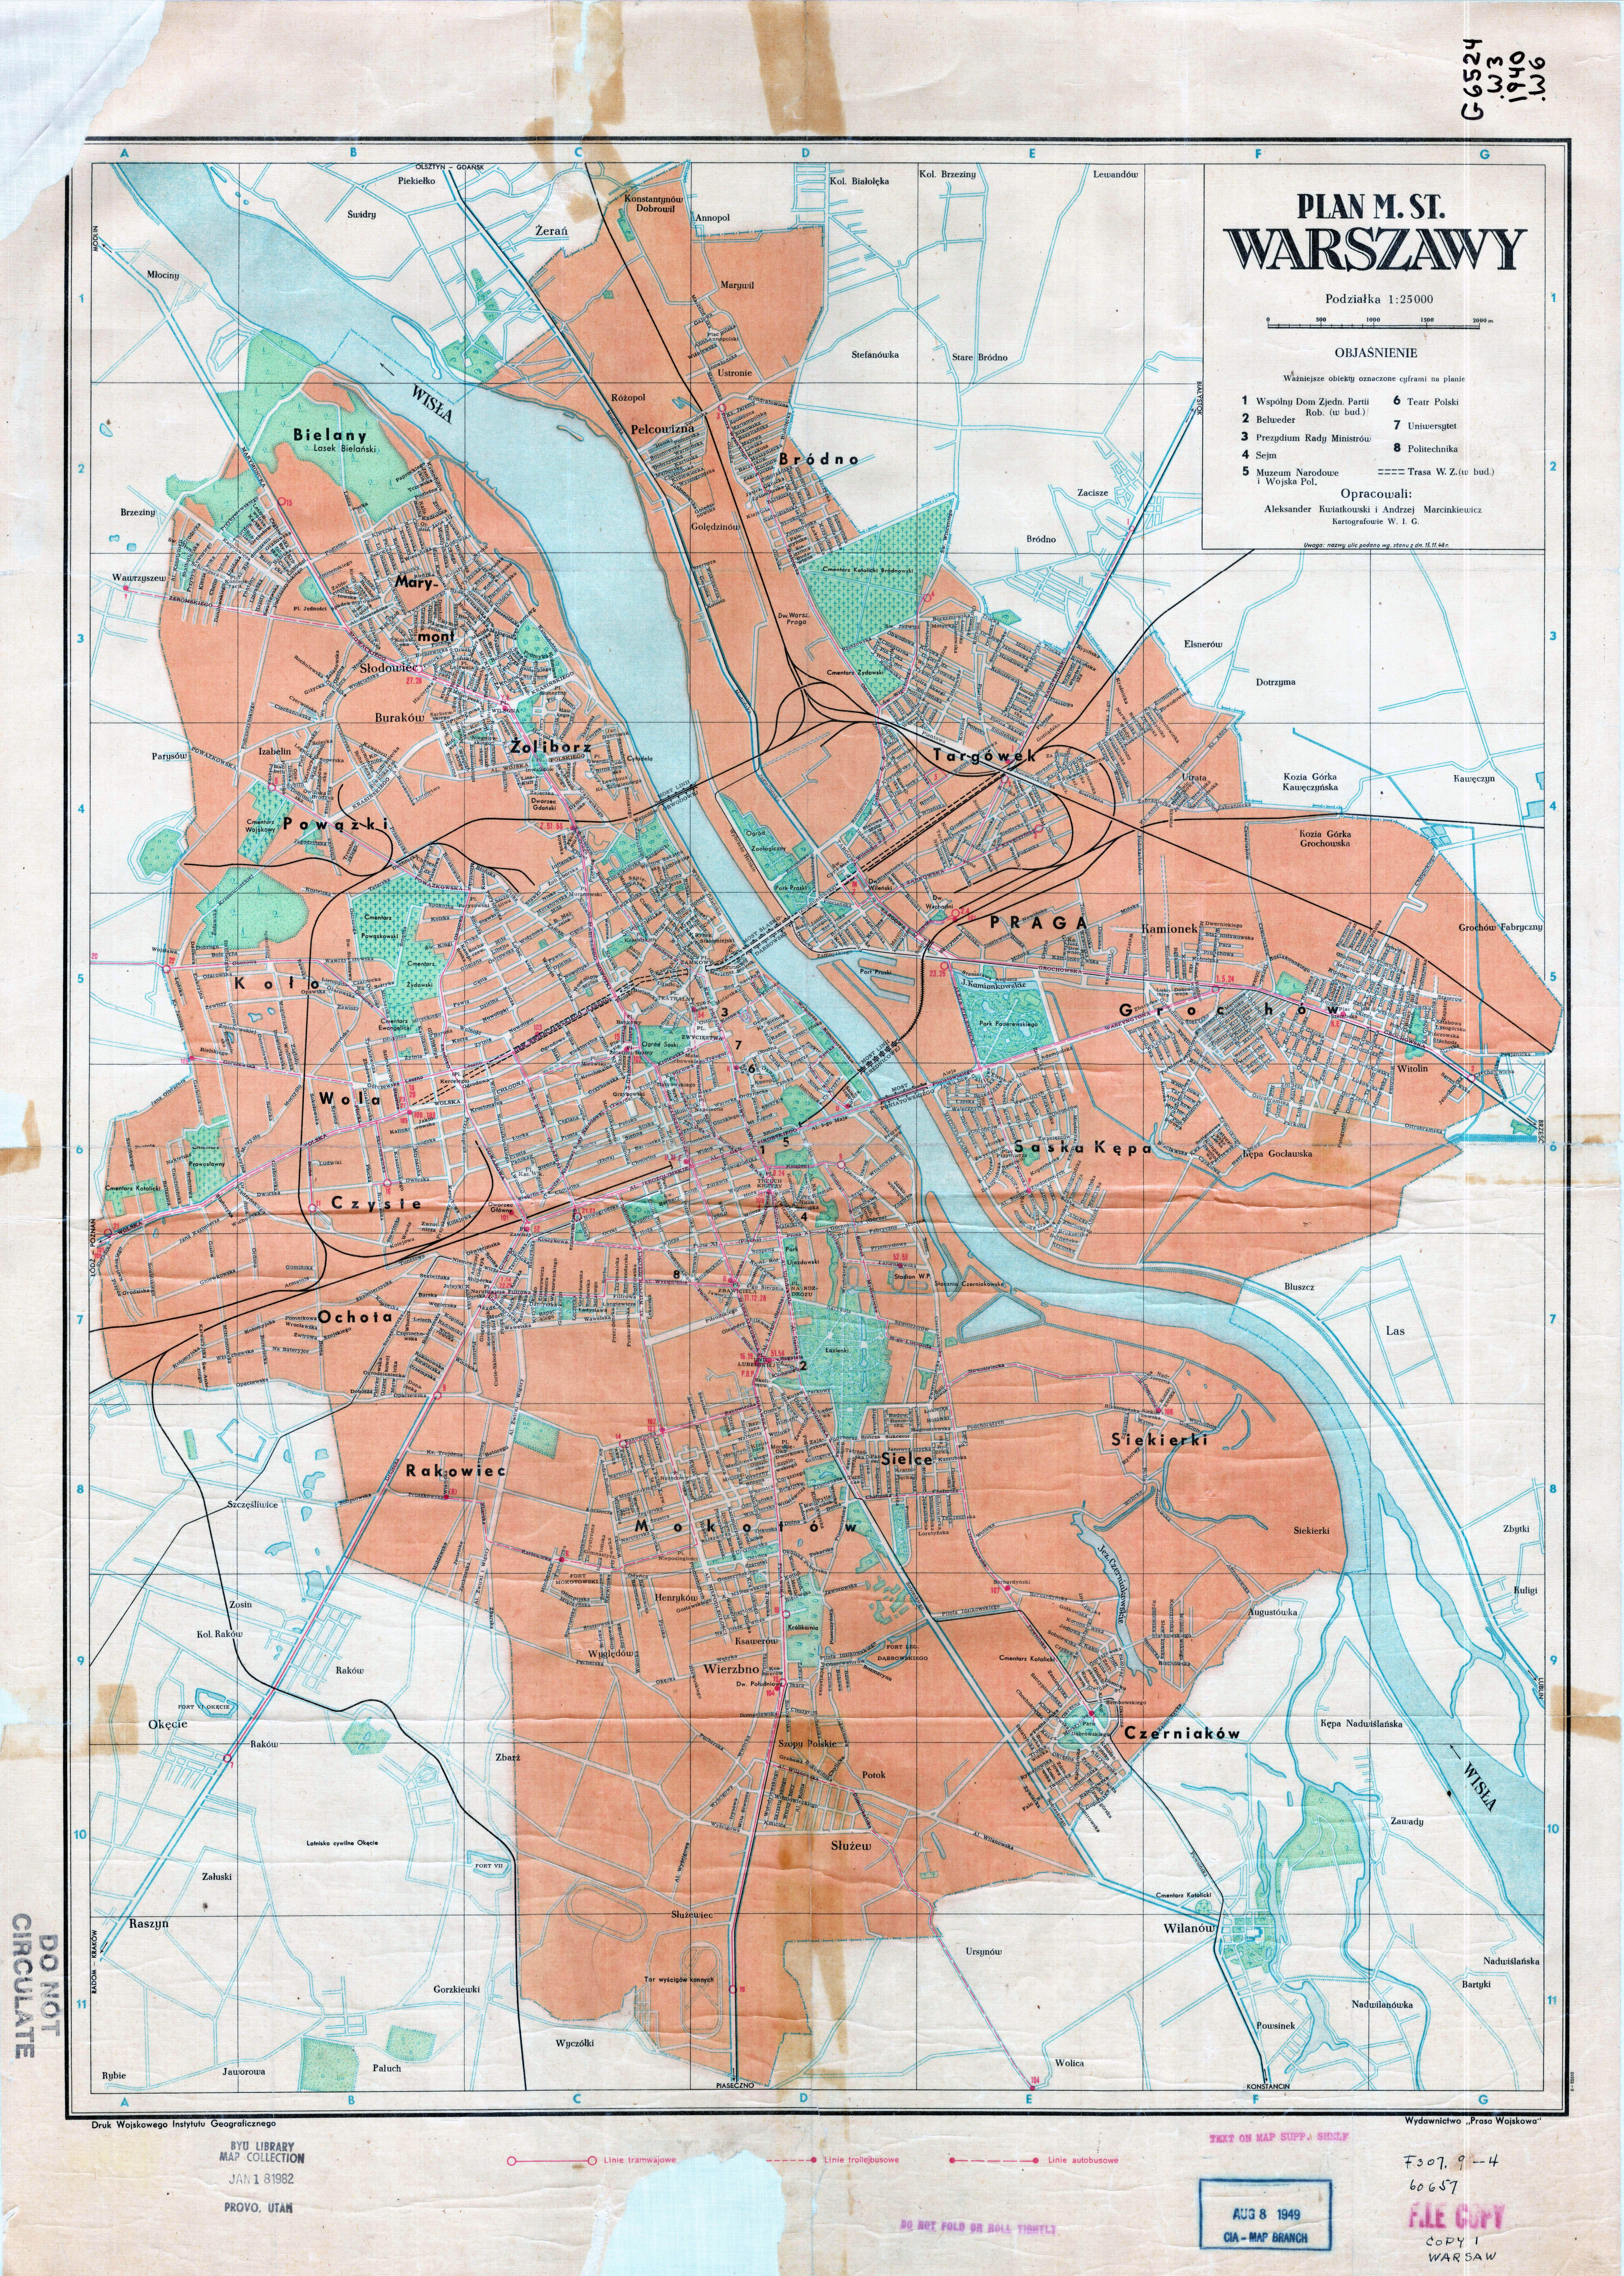 Warsaw Europe Map.Large Scale Detailed Old City Plan Of Warsaw 1948 Warsaw